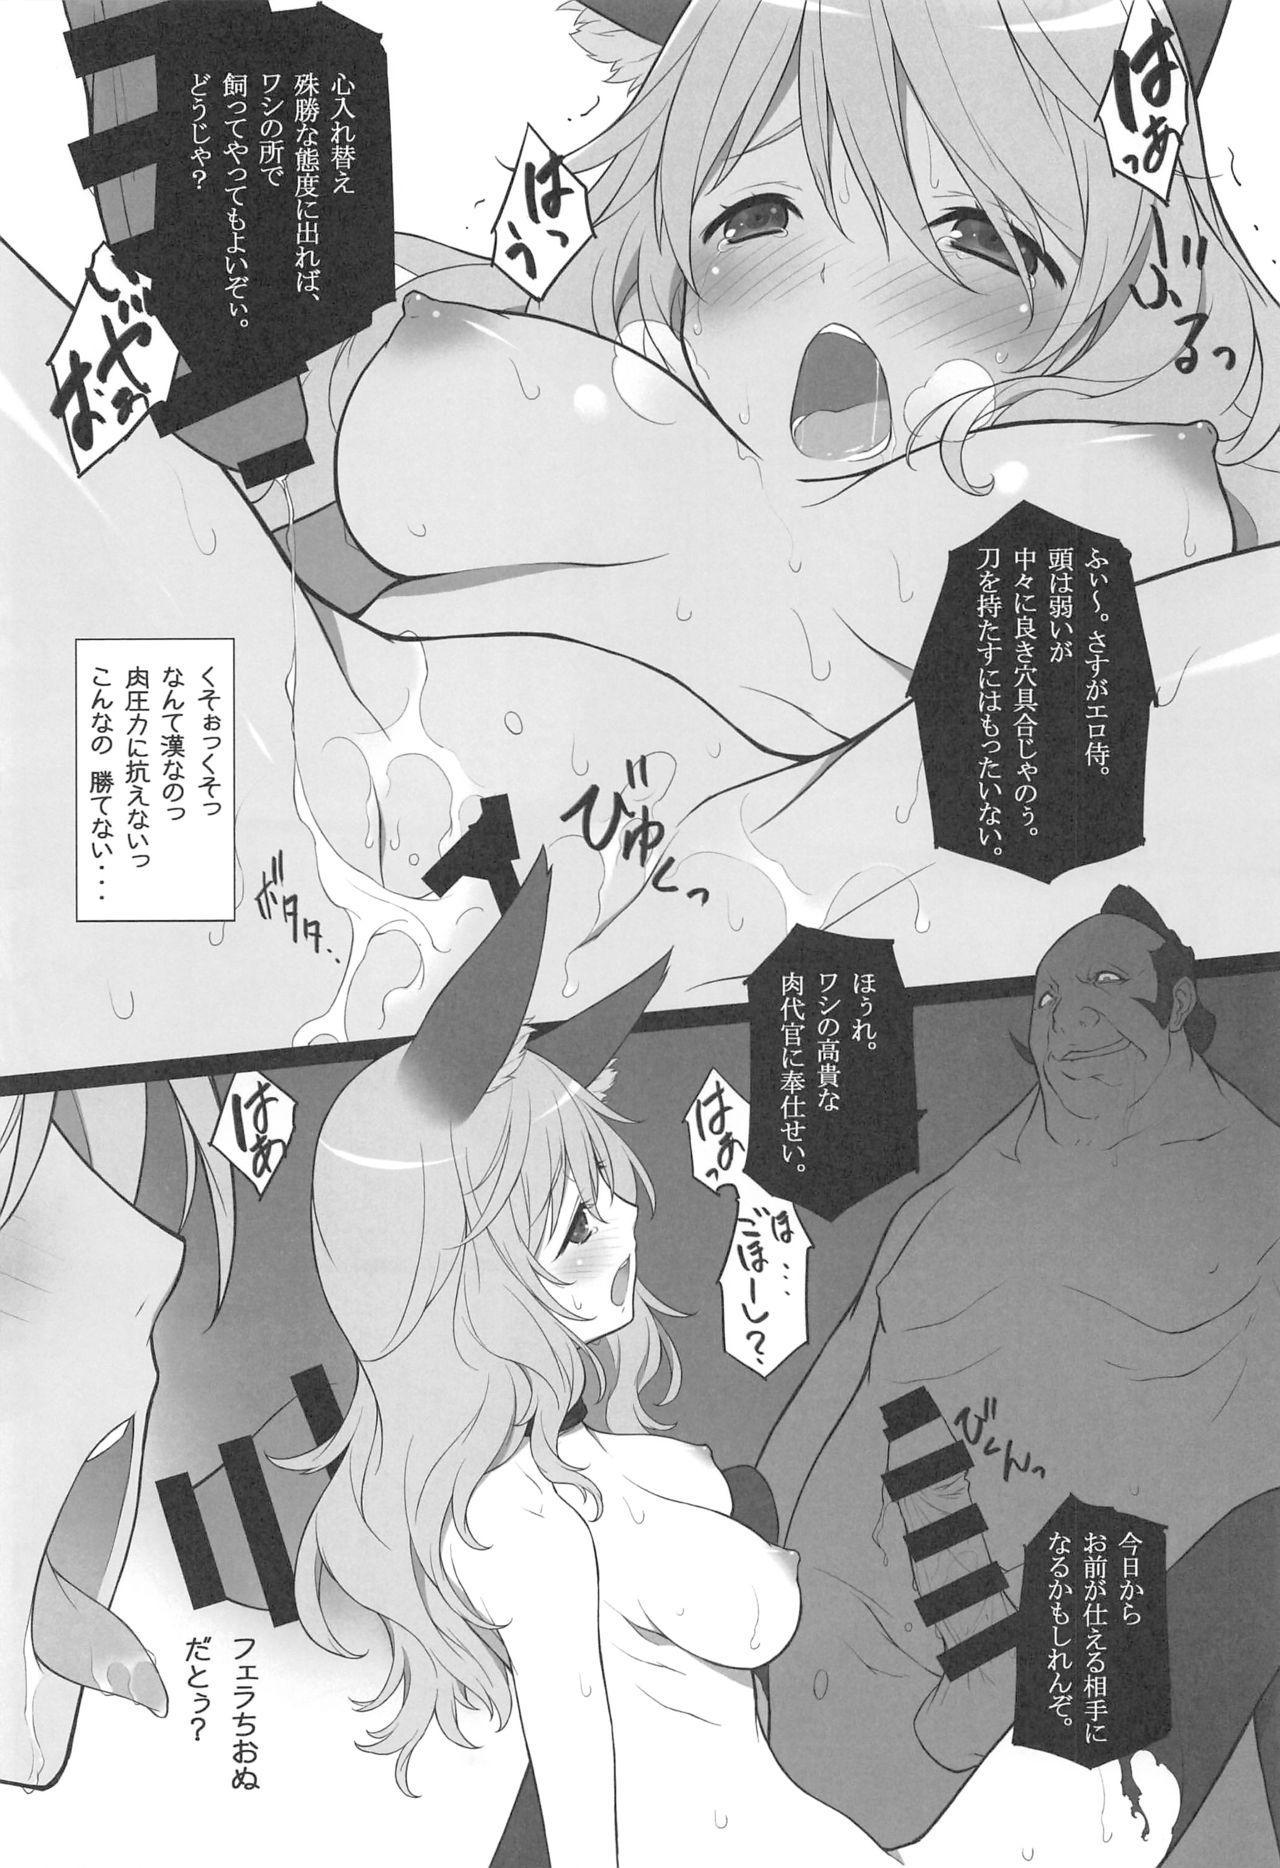 Ero Samurai Junjouha 8